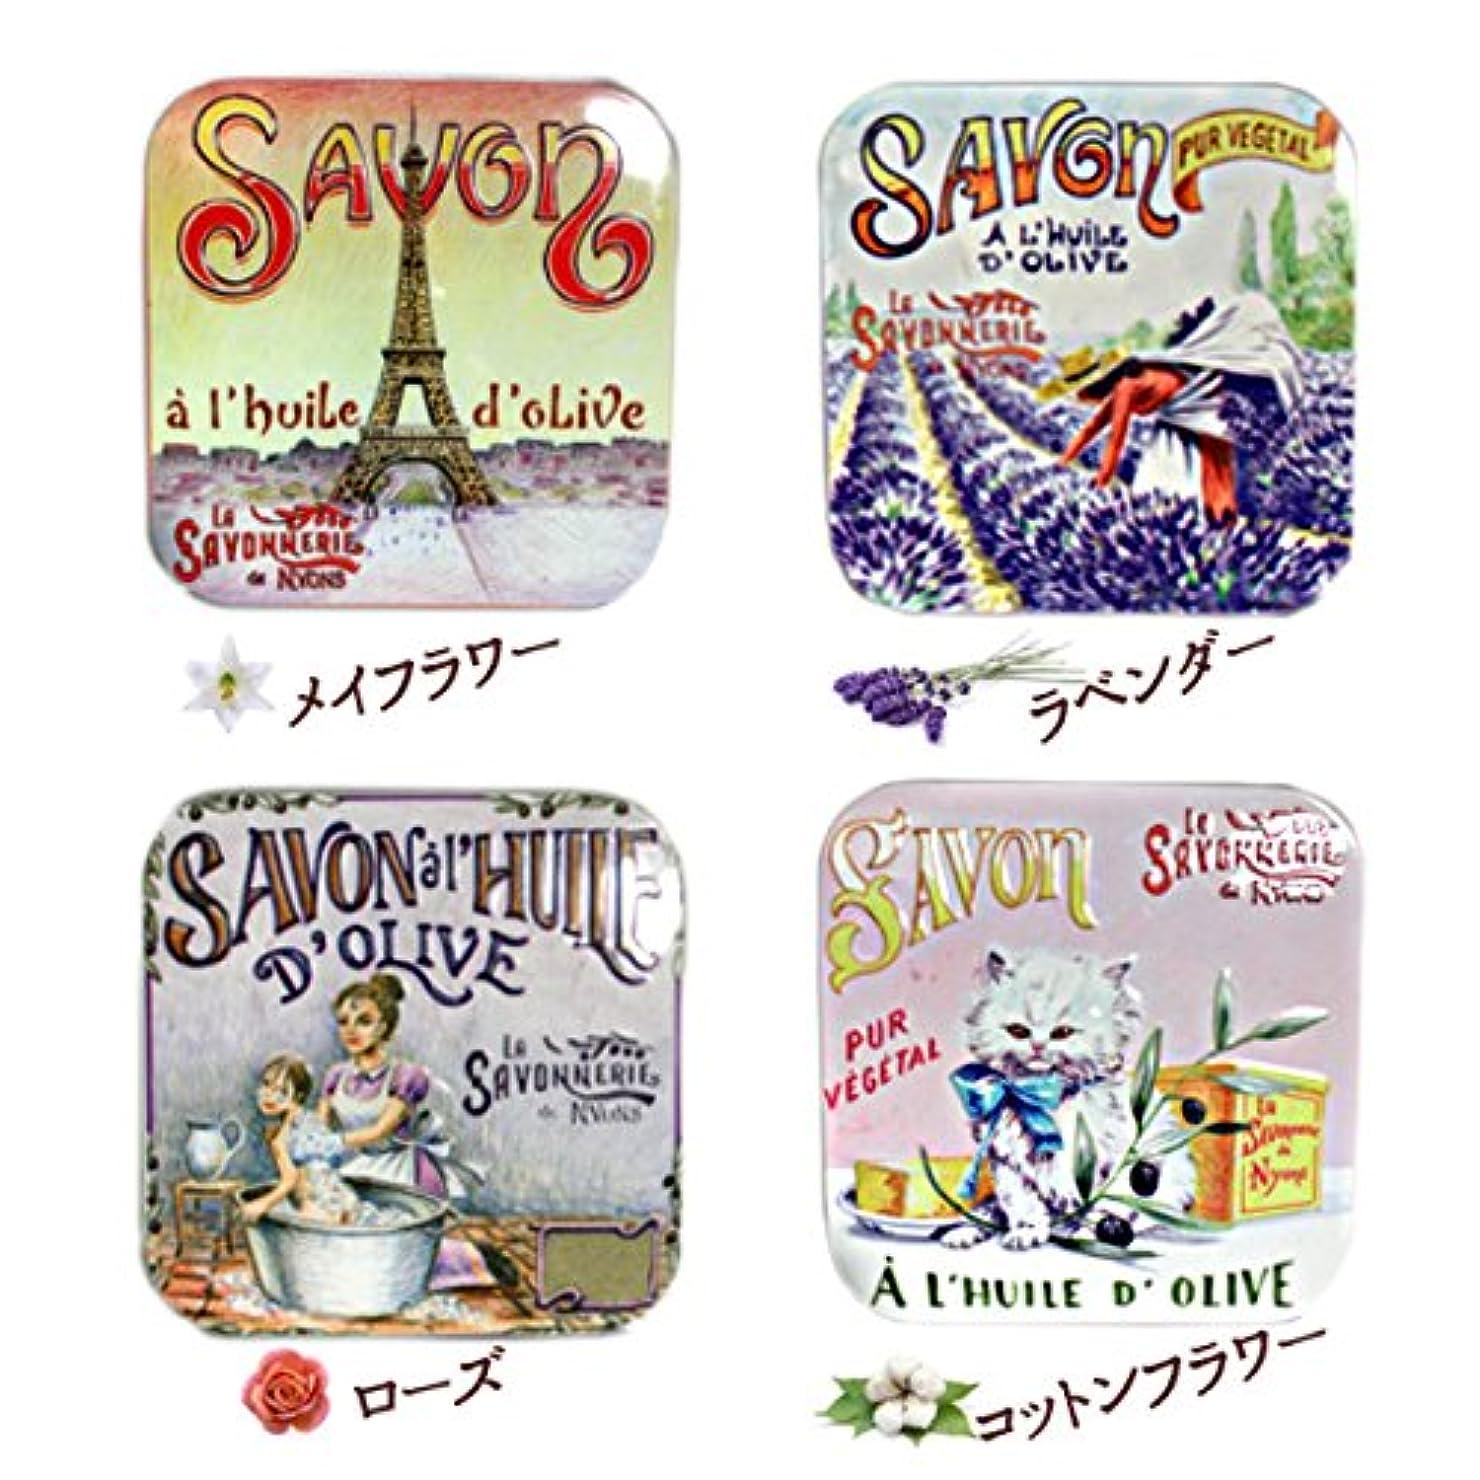 ハーフ多年生規制するラサボネリー アンティーク缶入り石鹸 タイプ100 95g (メイフラワー)